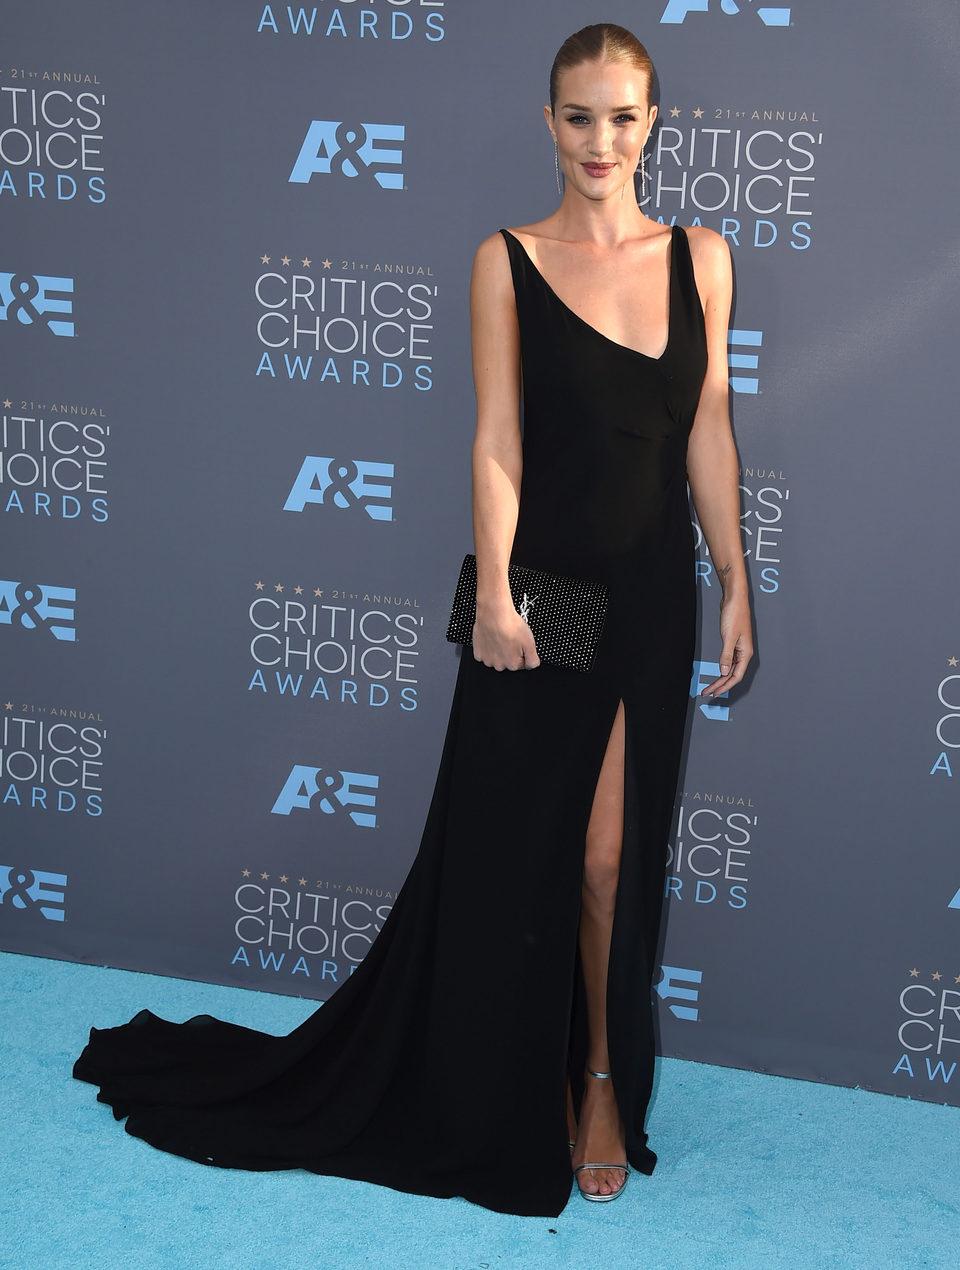 Rosie Huntington-Whiteley went with Jason Statham to 2016 Critics Choice Awards gala